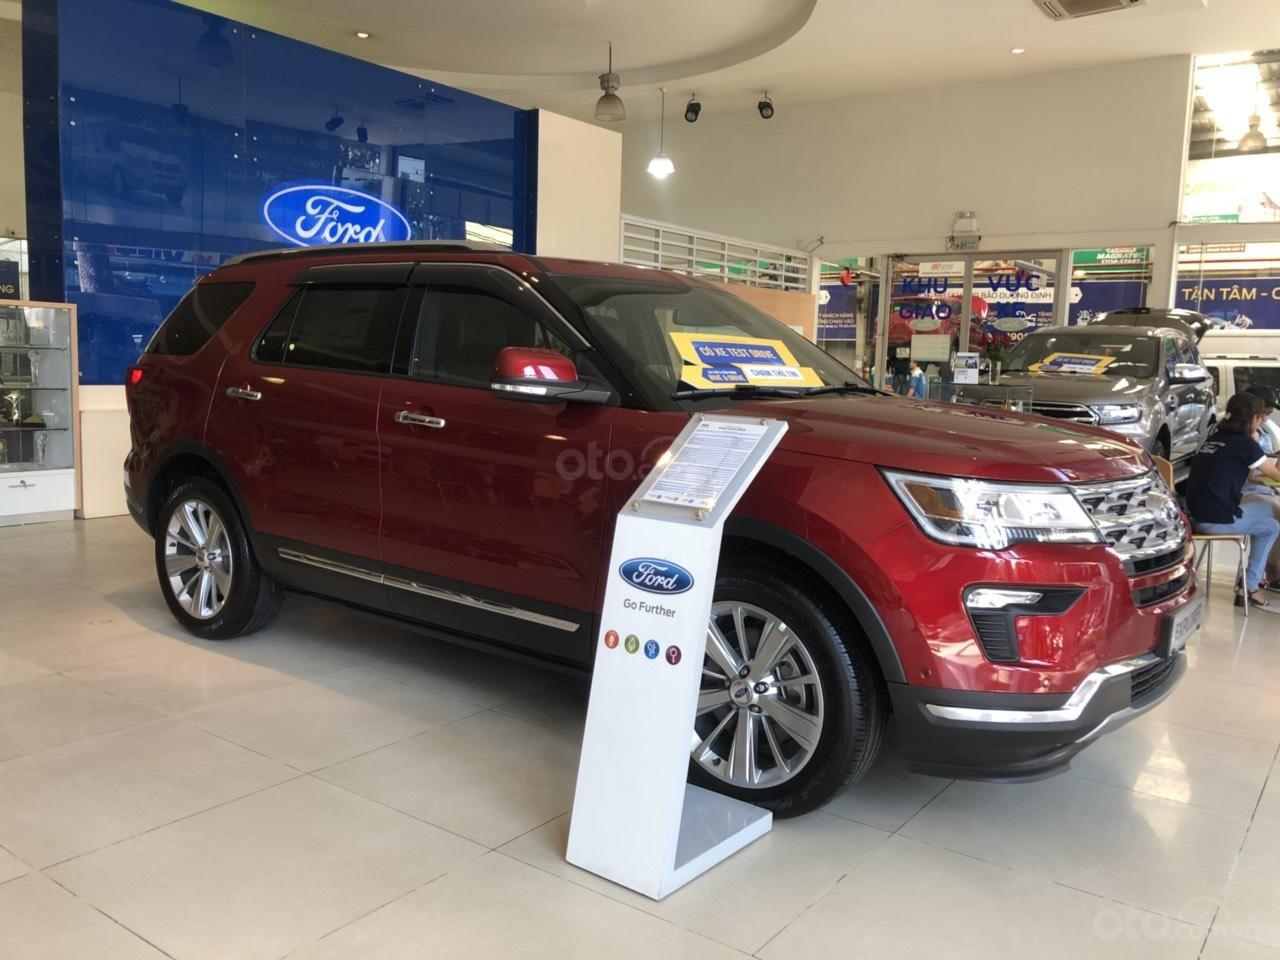 Ford Explorer Ecoboost Limited khuyến mãi khủng tặng phụ kiện giá trị (8)